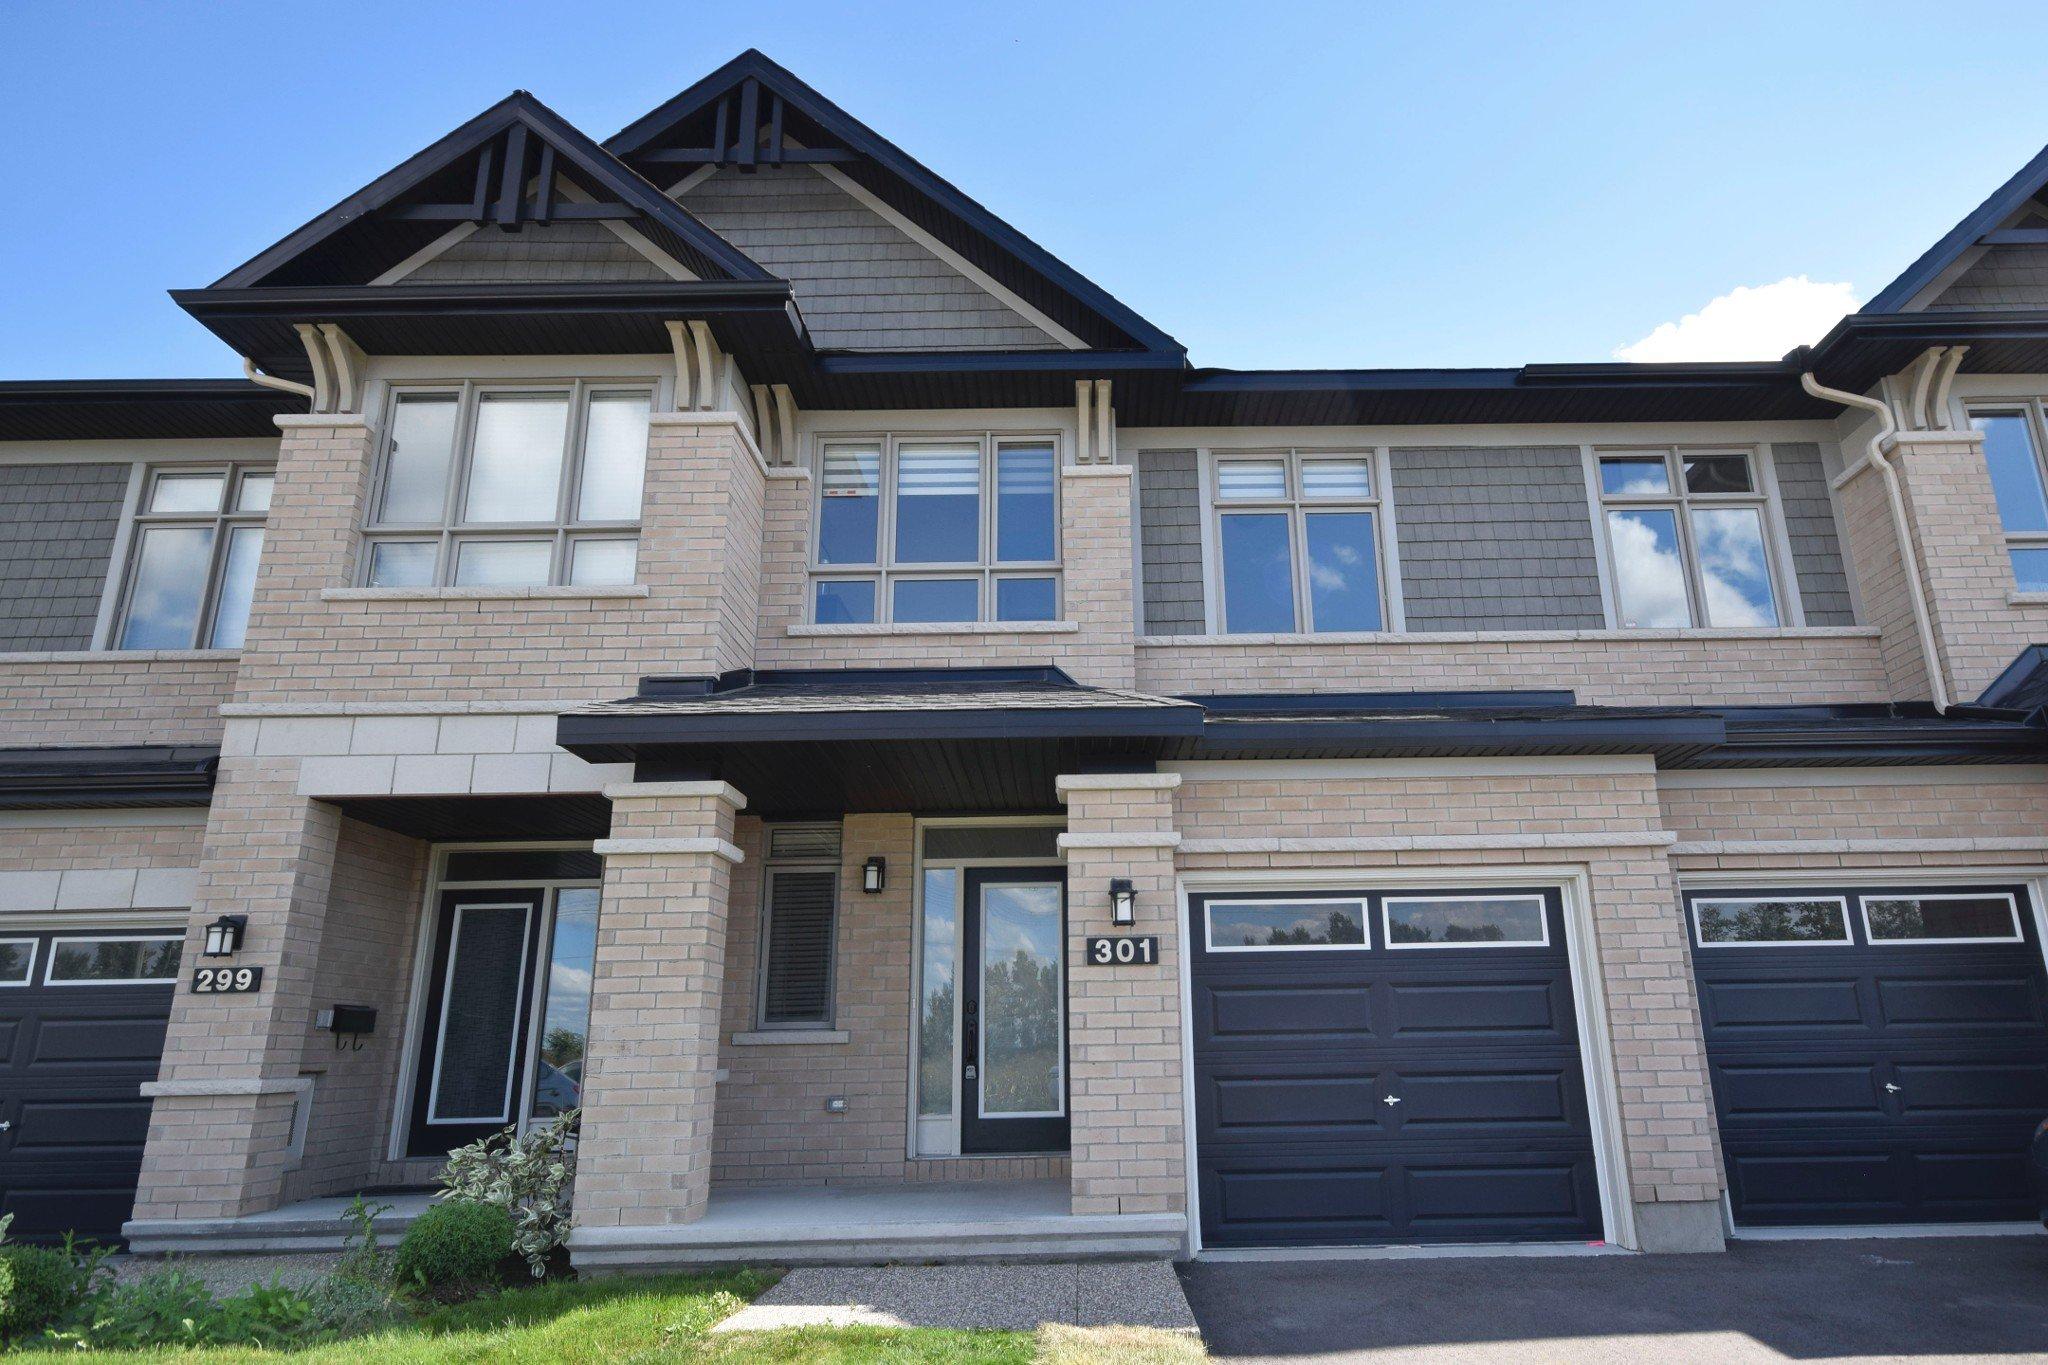 Photo 4: Photos: 301 Livery Street Stittsville Ottawa ON 255